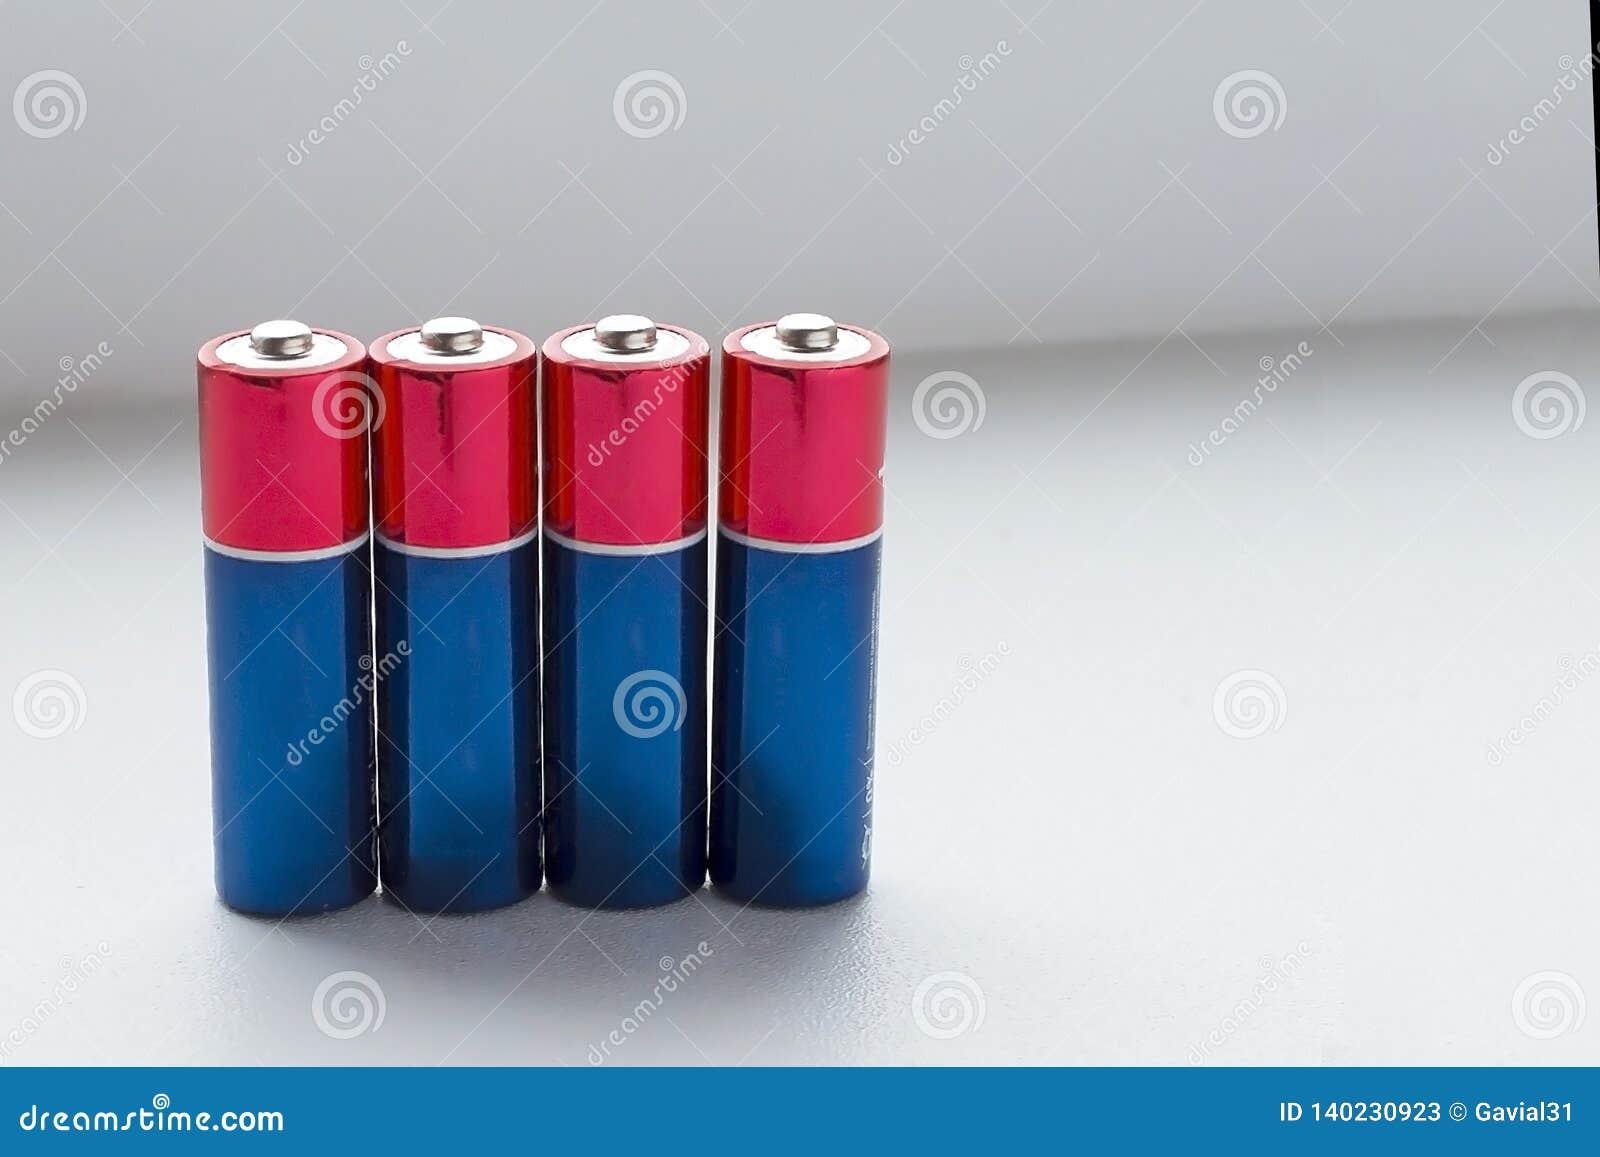 Batterien auf einem weißen Hintergrund Kopieren Sie Platz